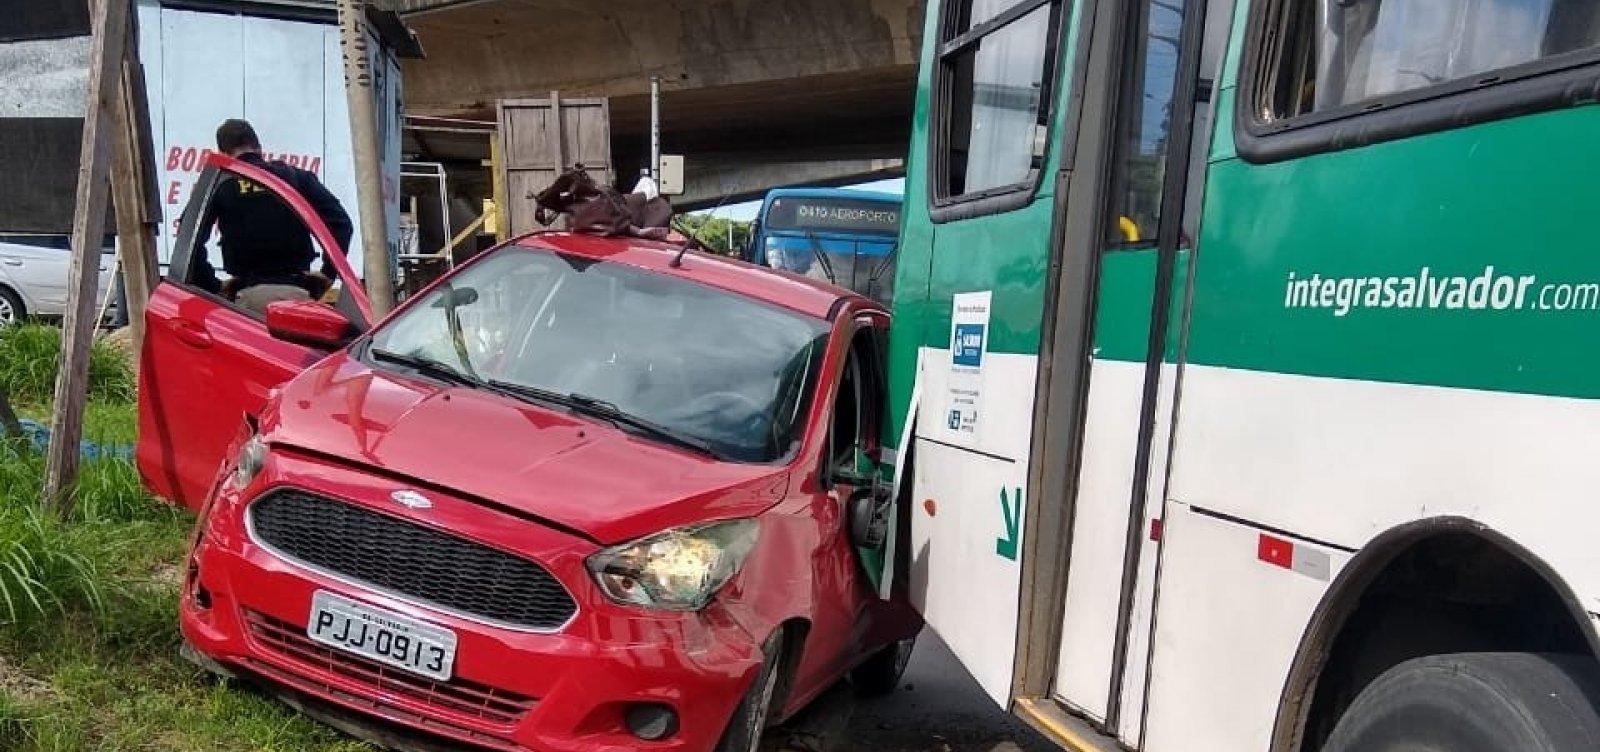 Polícia intercepta carro roubado e prende suspeito em Salvador